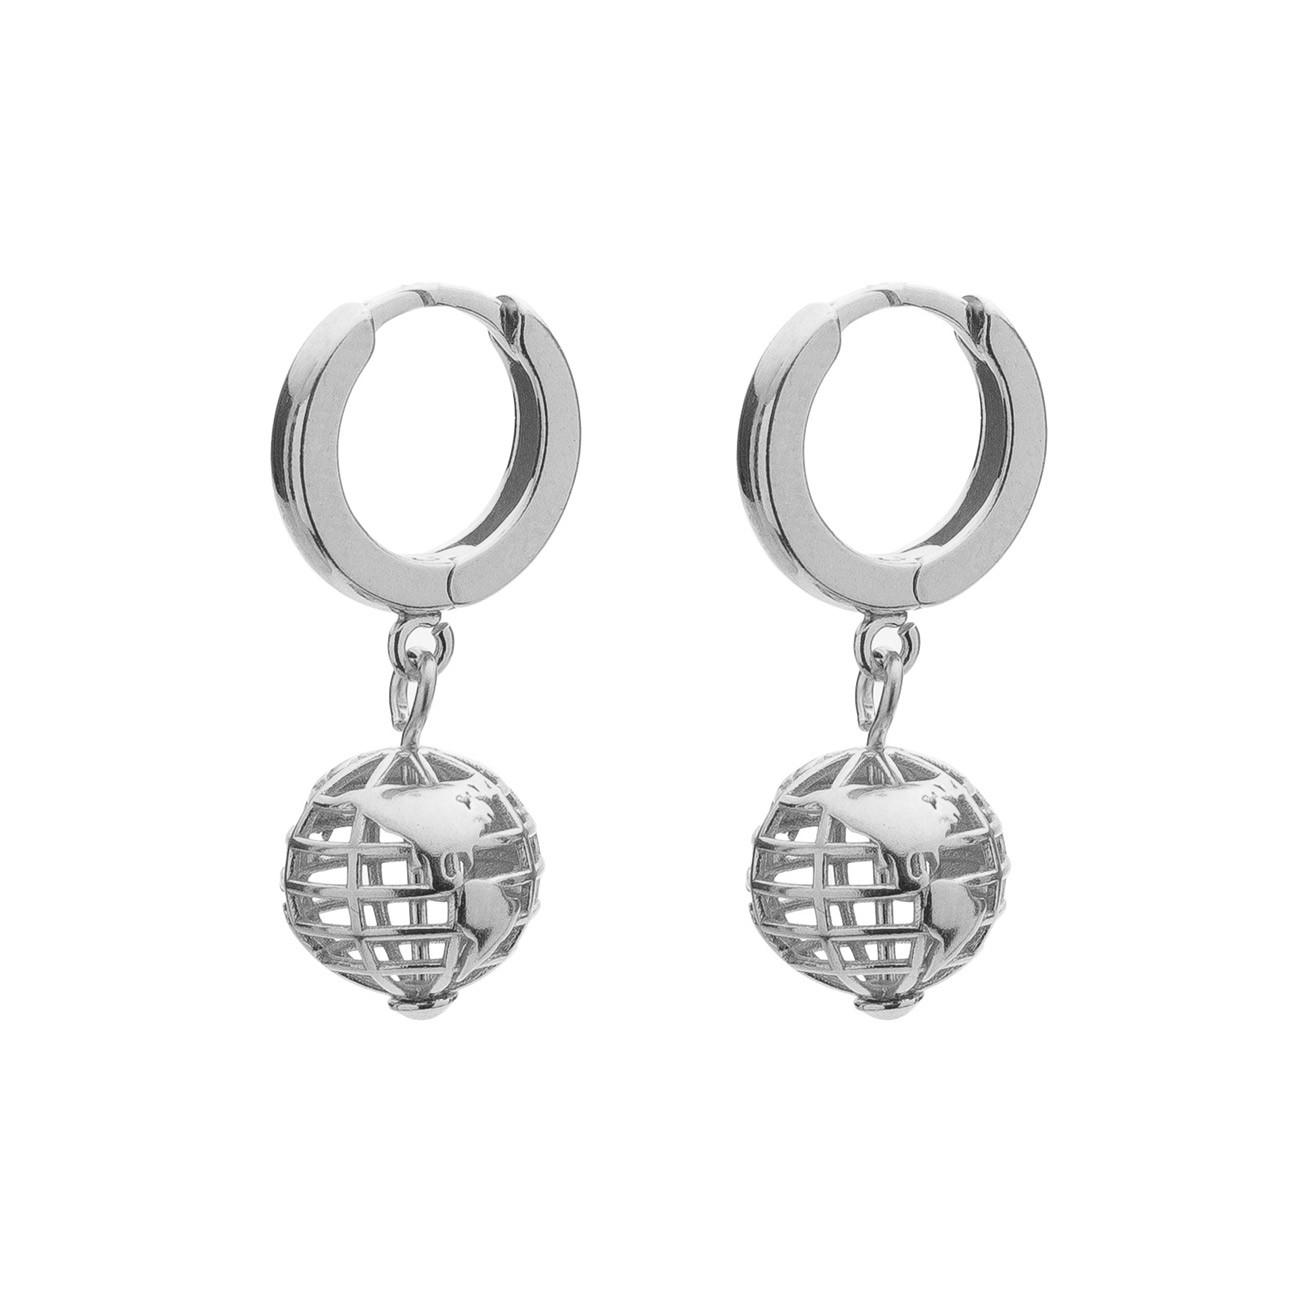 Planet earth earrings, sterling silver 925